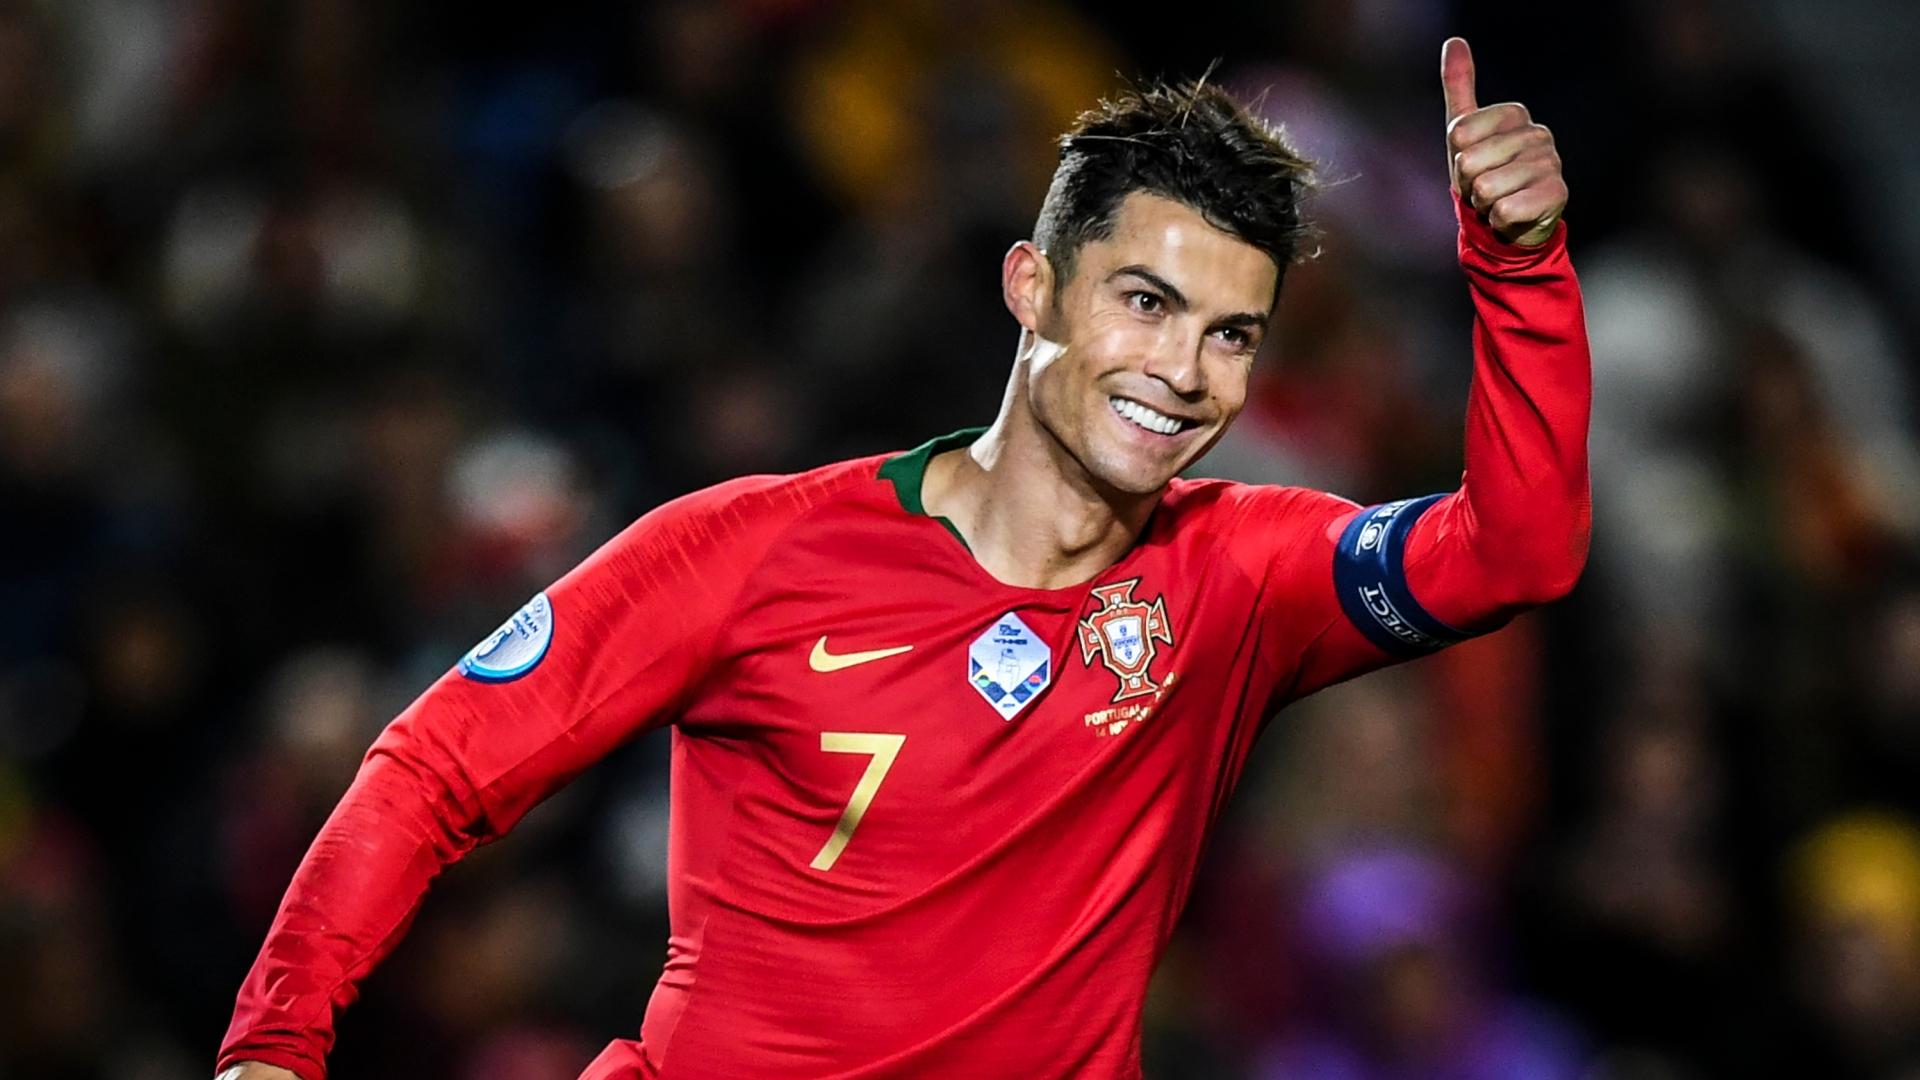 Një infeksion kthehet në problem, Cristiano Ronaldo rrezikon